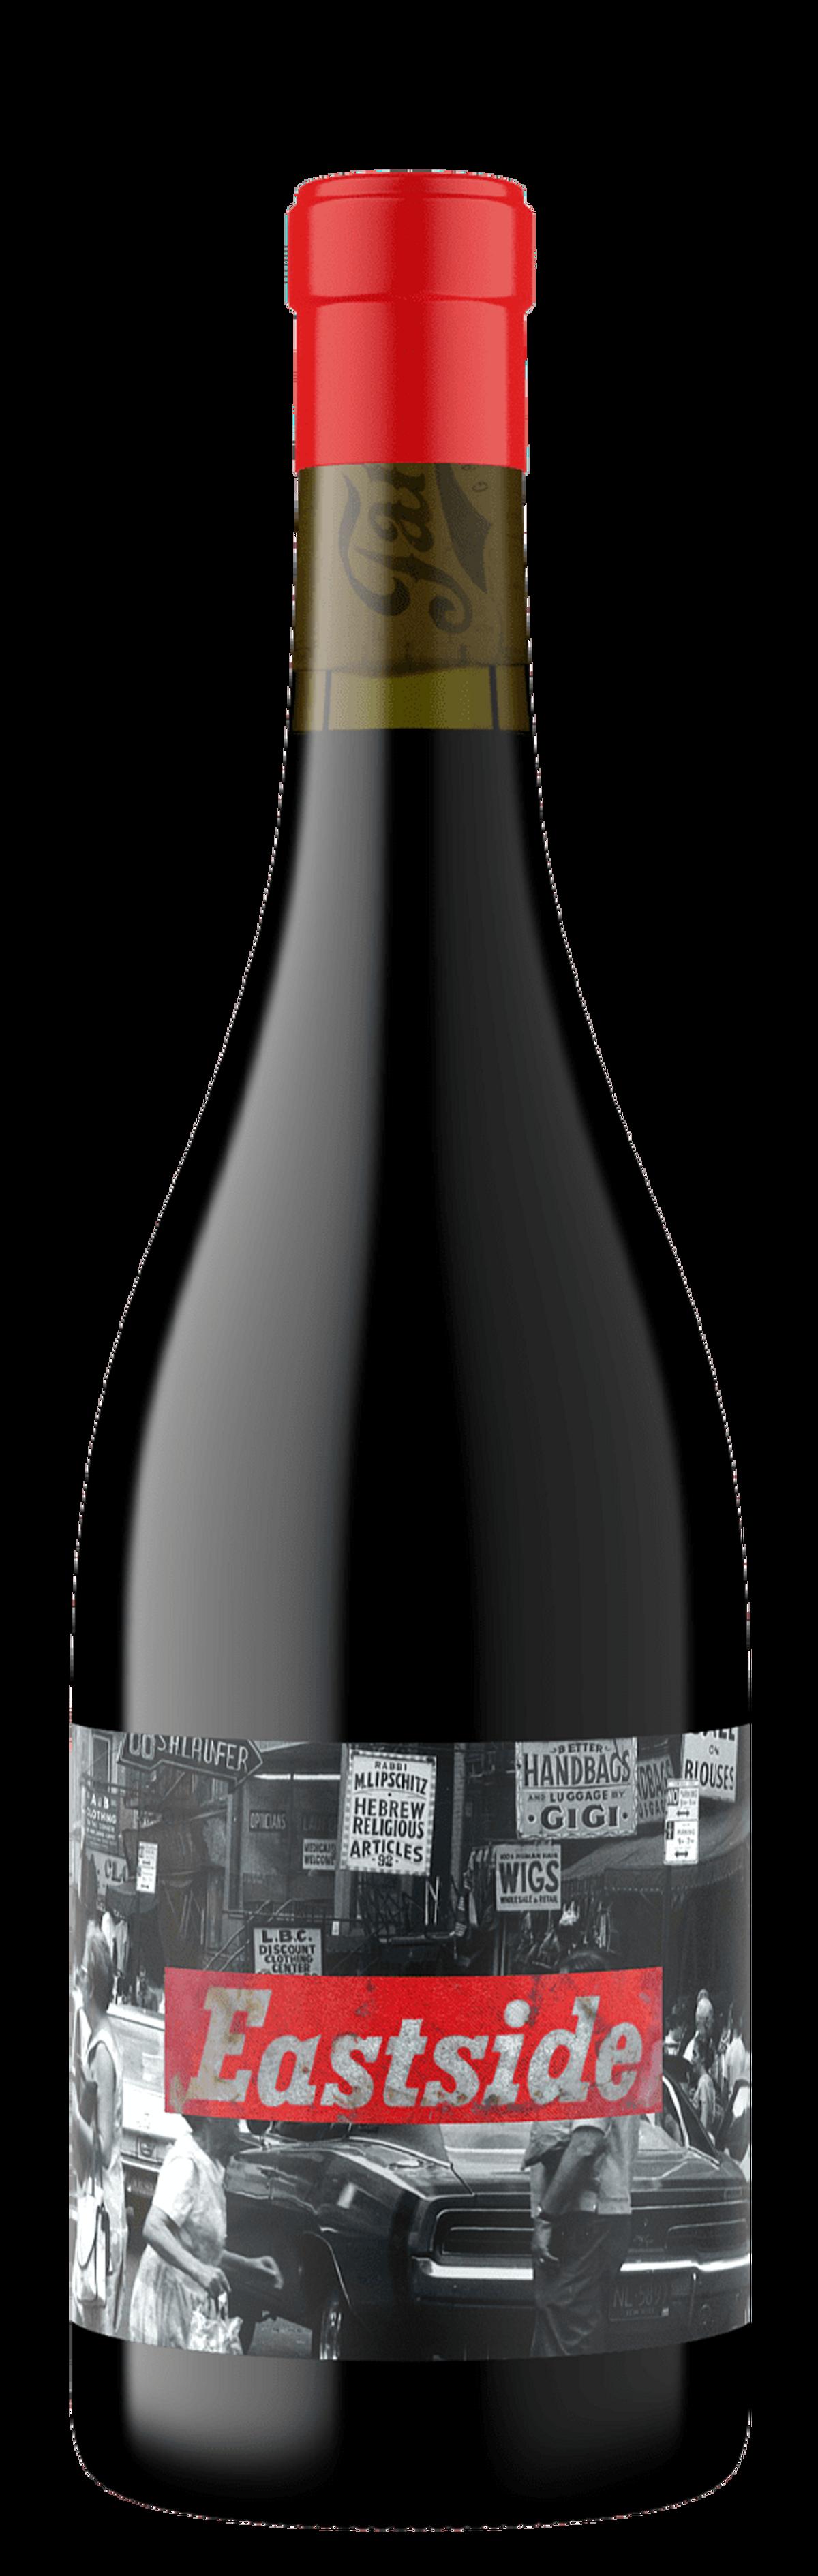 tank garage winery 2019 eastside pinot noir el dorado county